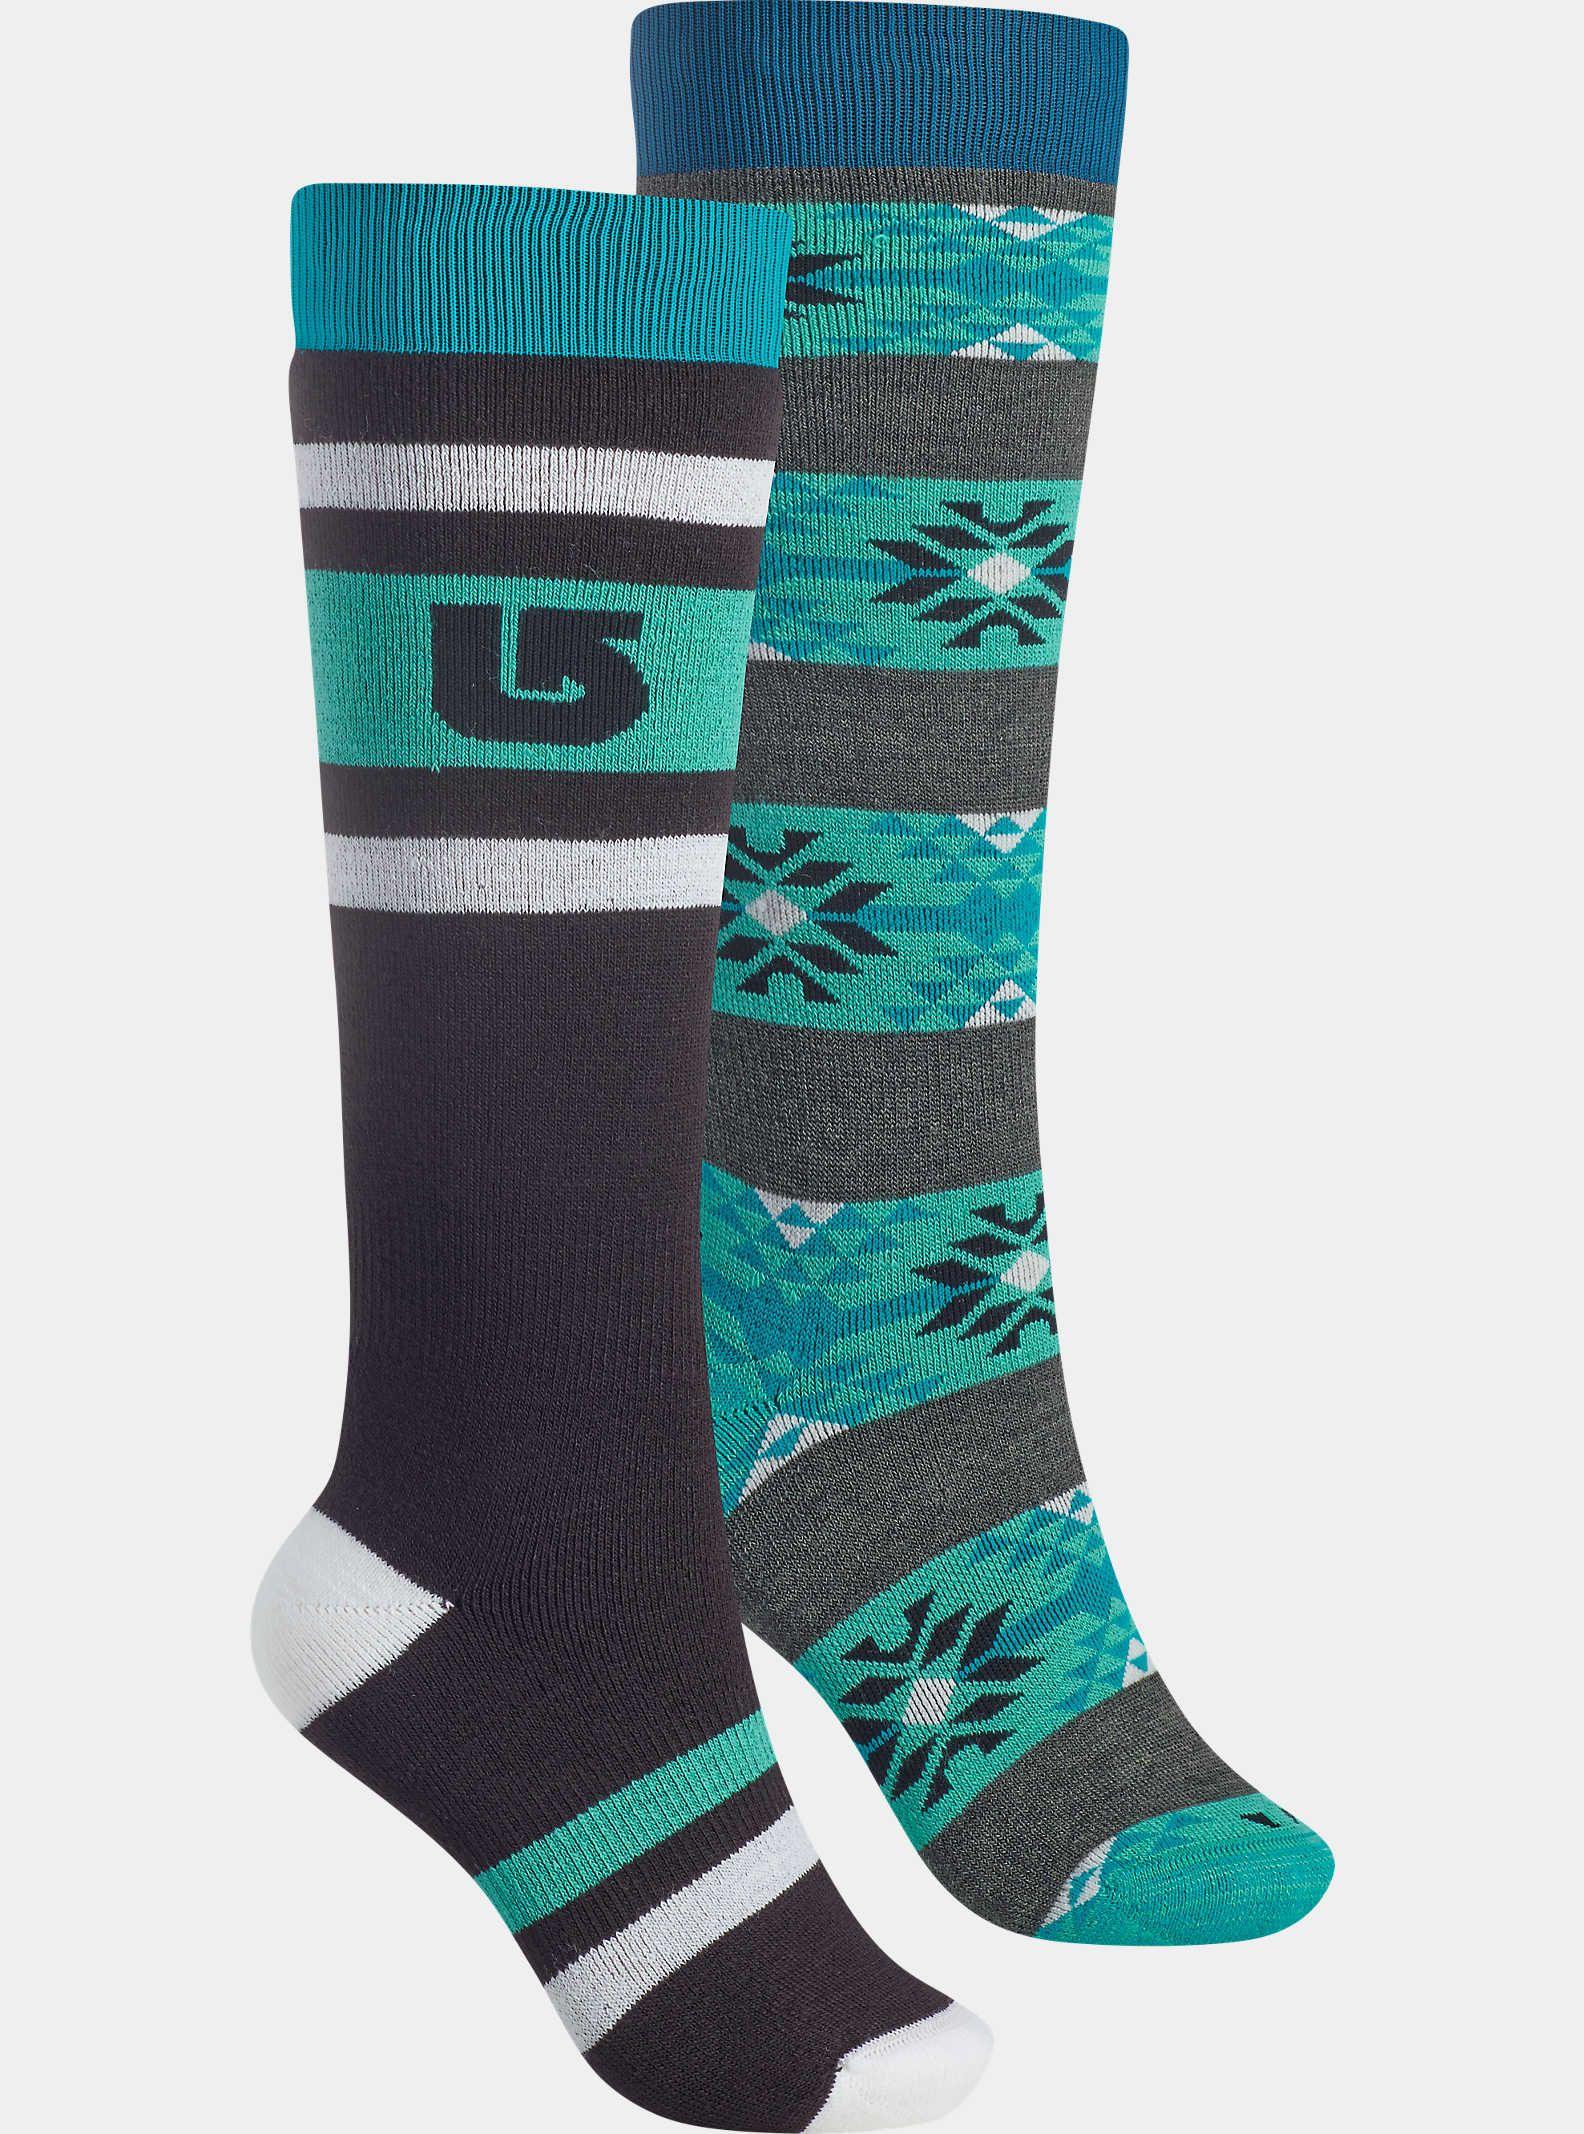 5db8f47f3189 Burton Women's Weekend Sock 2 Pack | Products | Socks, Burton ...